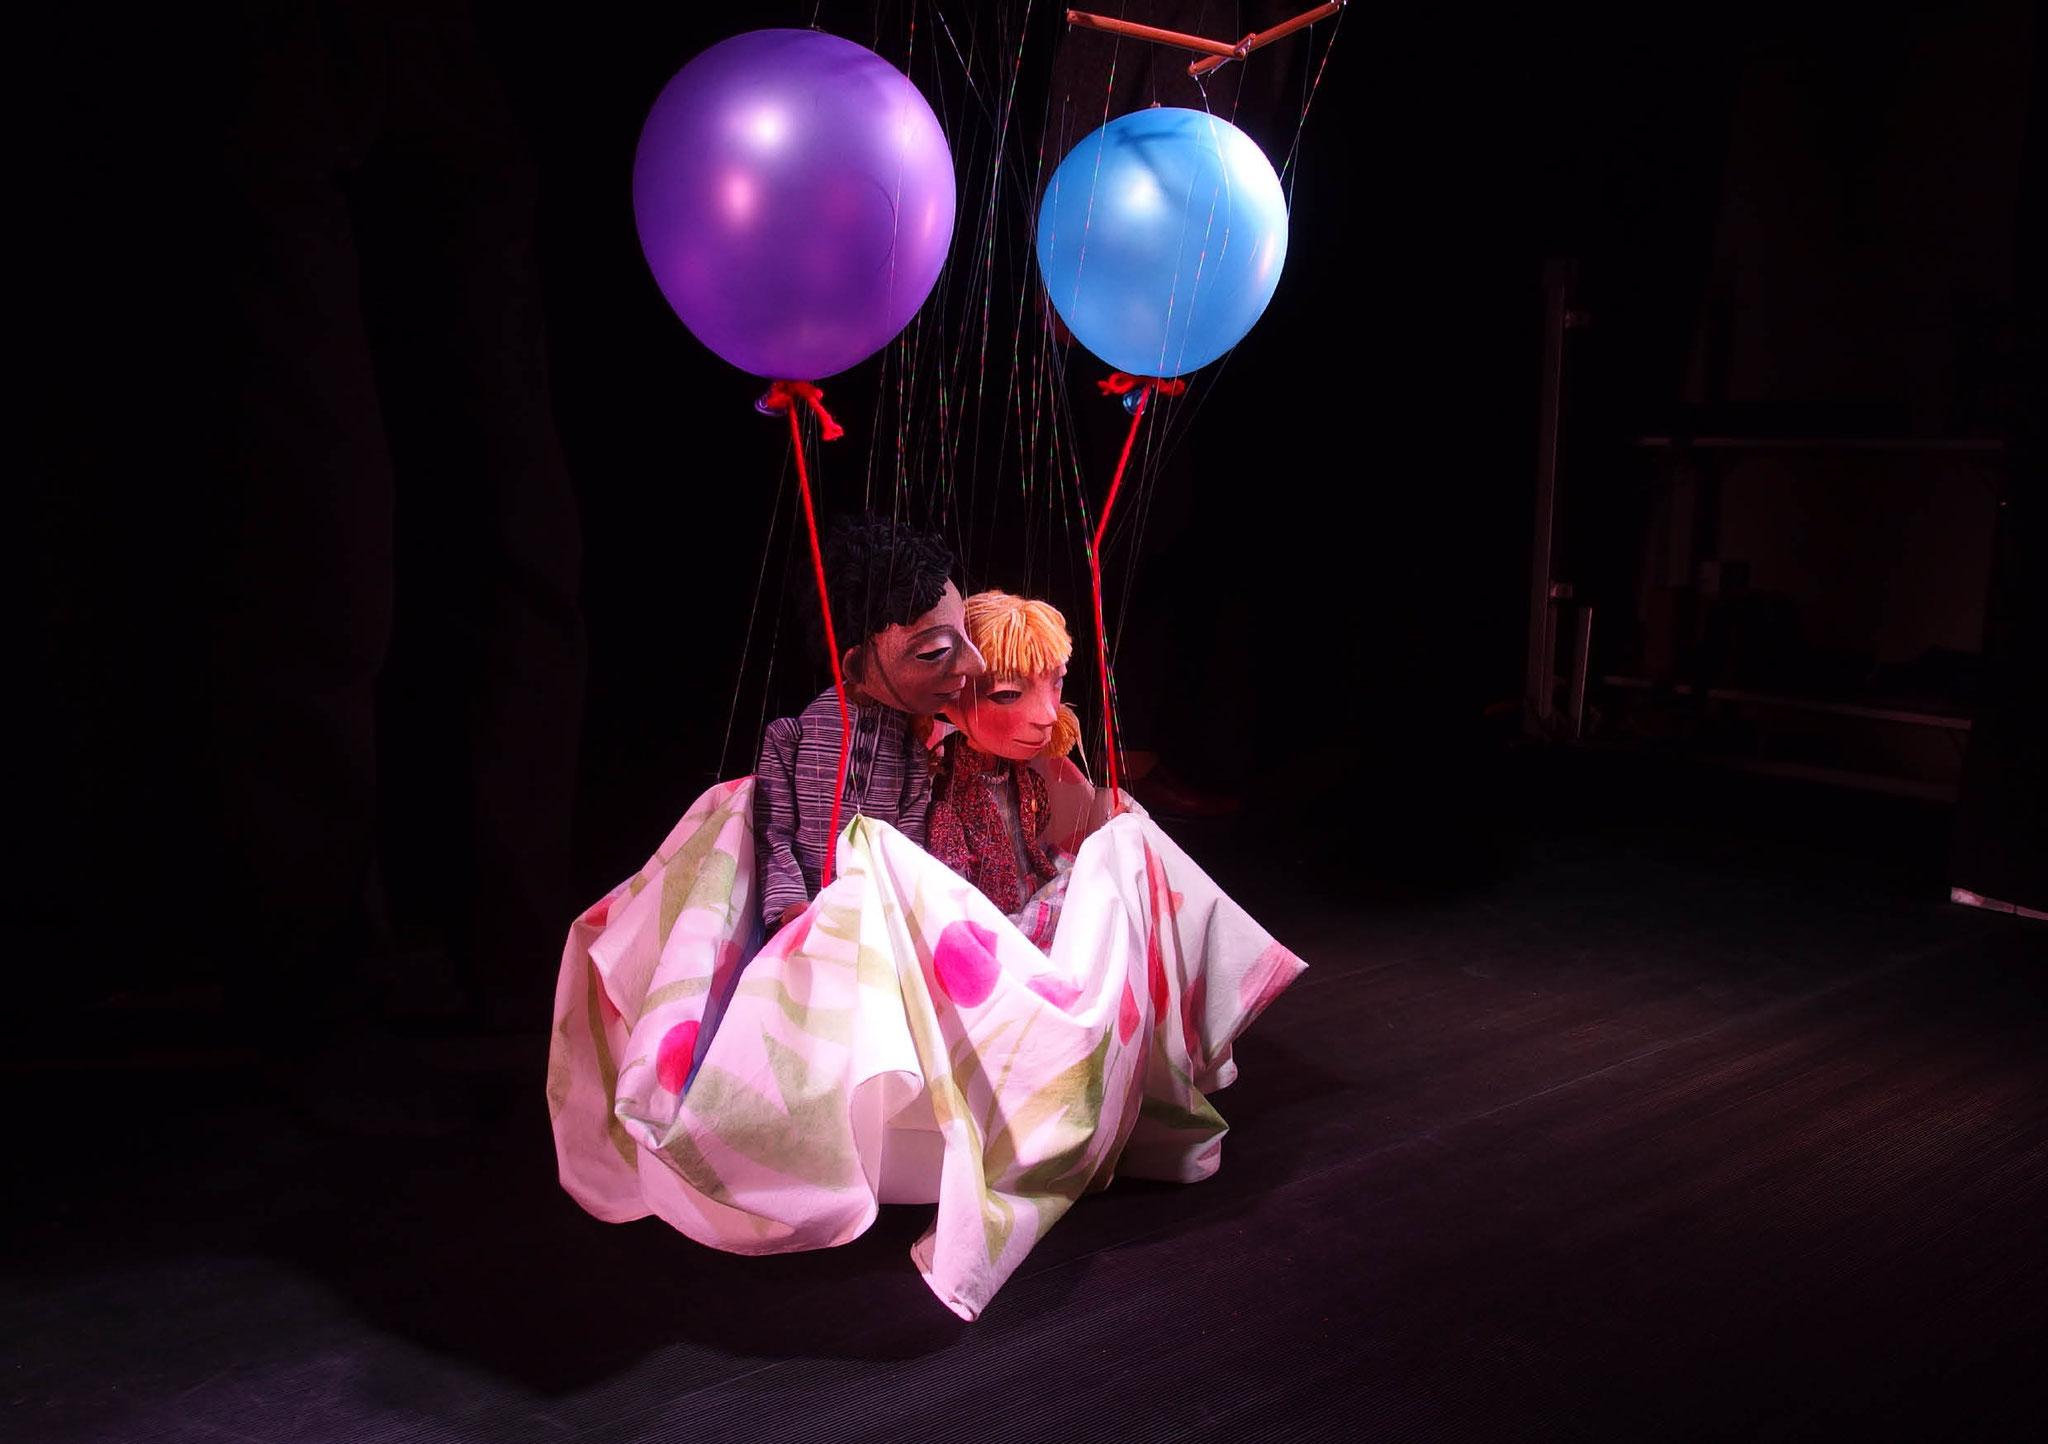 Marionettenspiel Cagibi: Es war einmal ein Raum